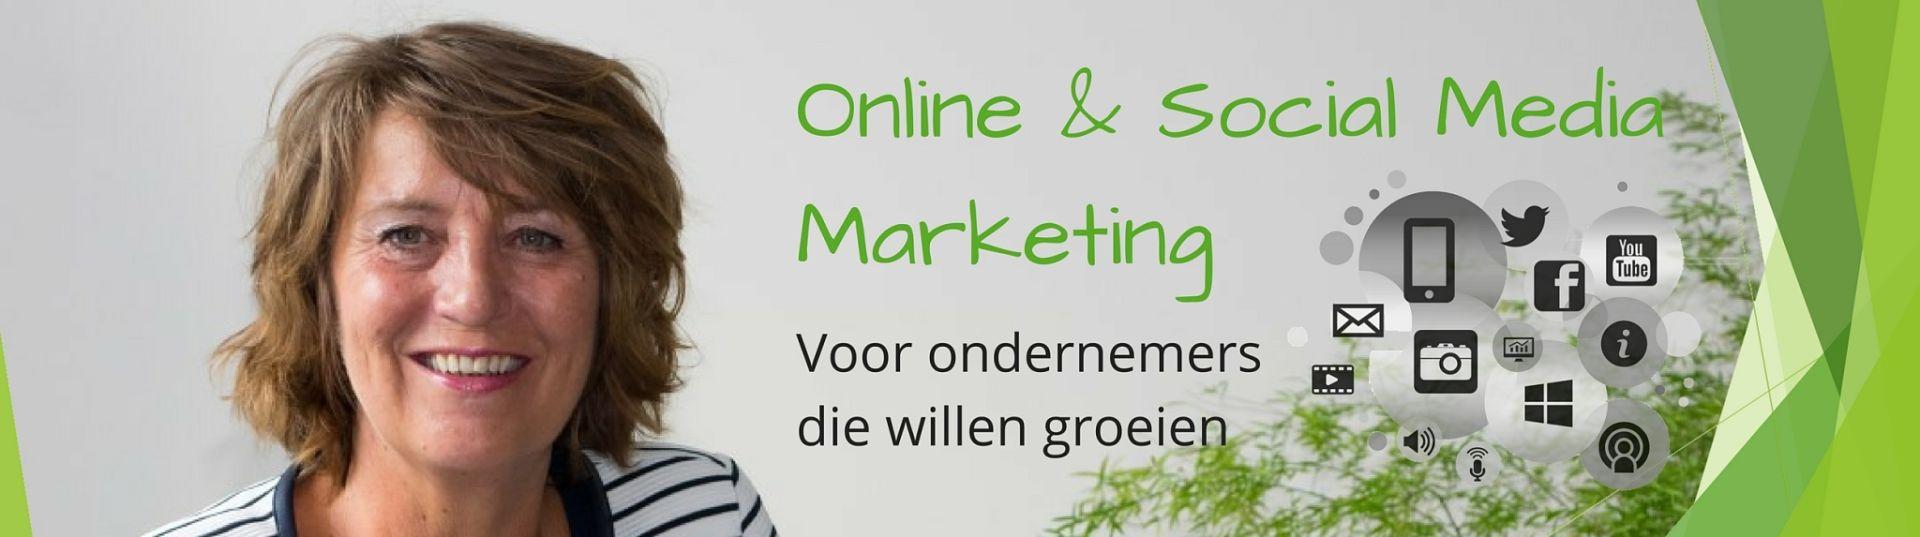 ConMar - Online en social media marketing voor ondernemers die hun naamsbkekendheid willen vertoren door website, social media en nieuwsbrief optimaal te gebruiken.